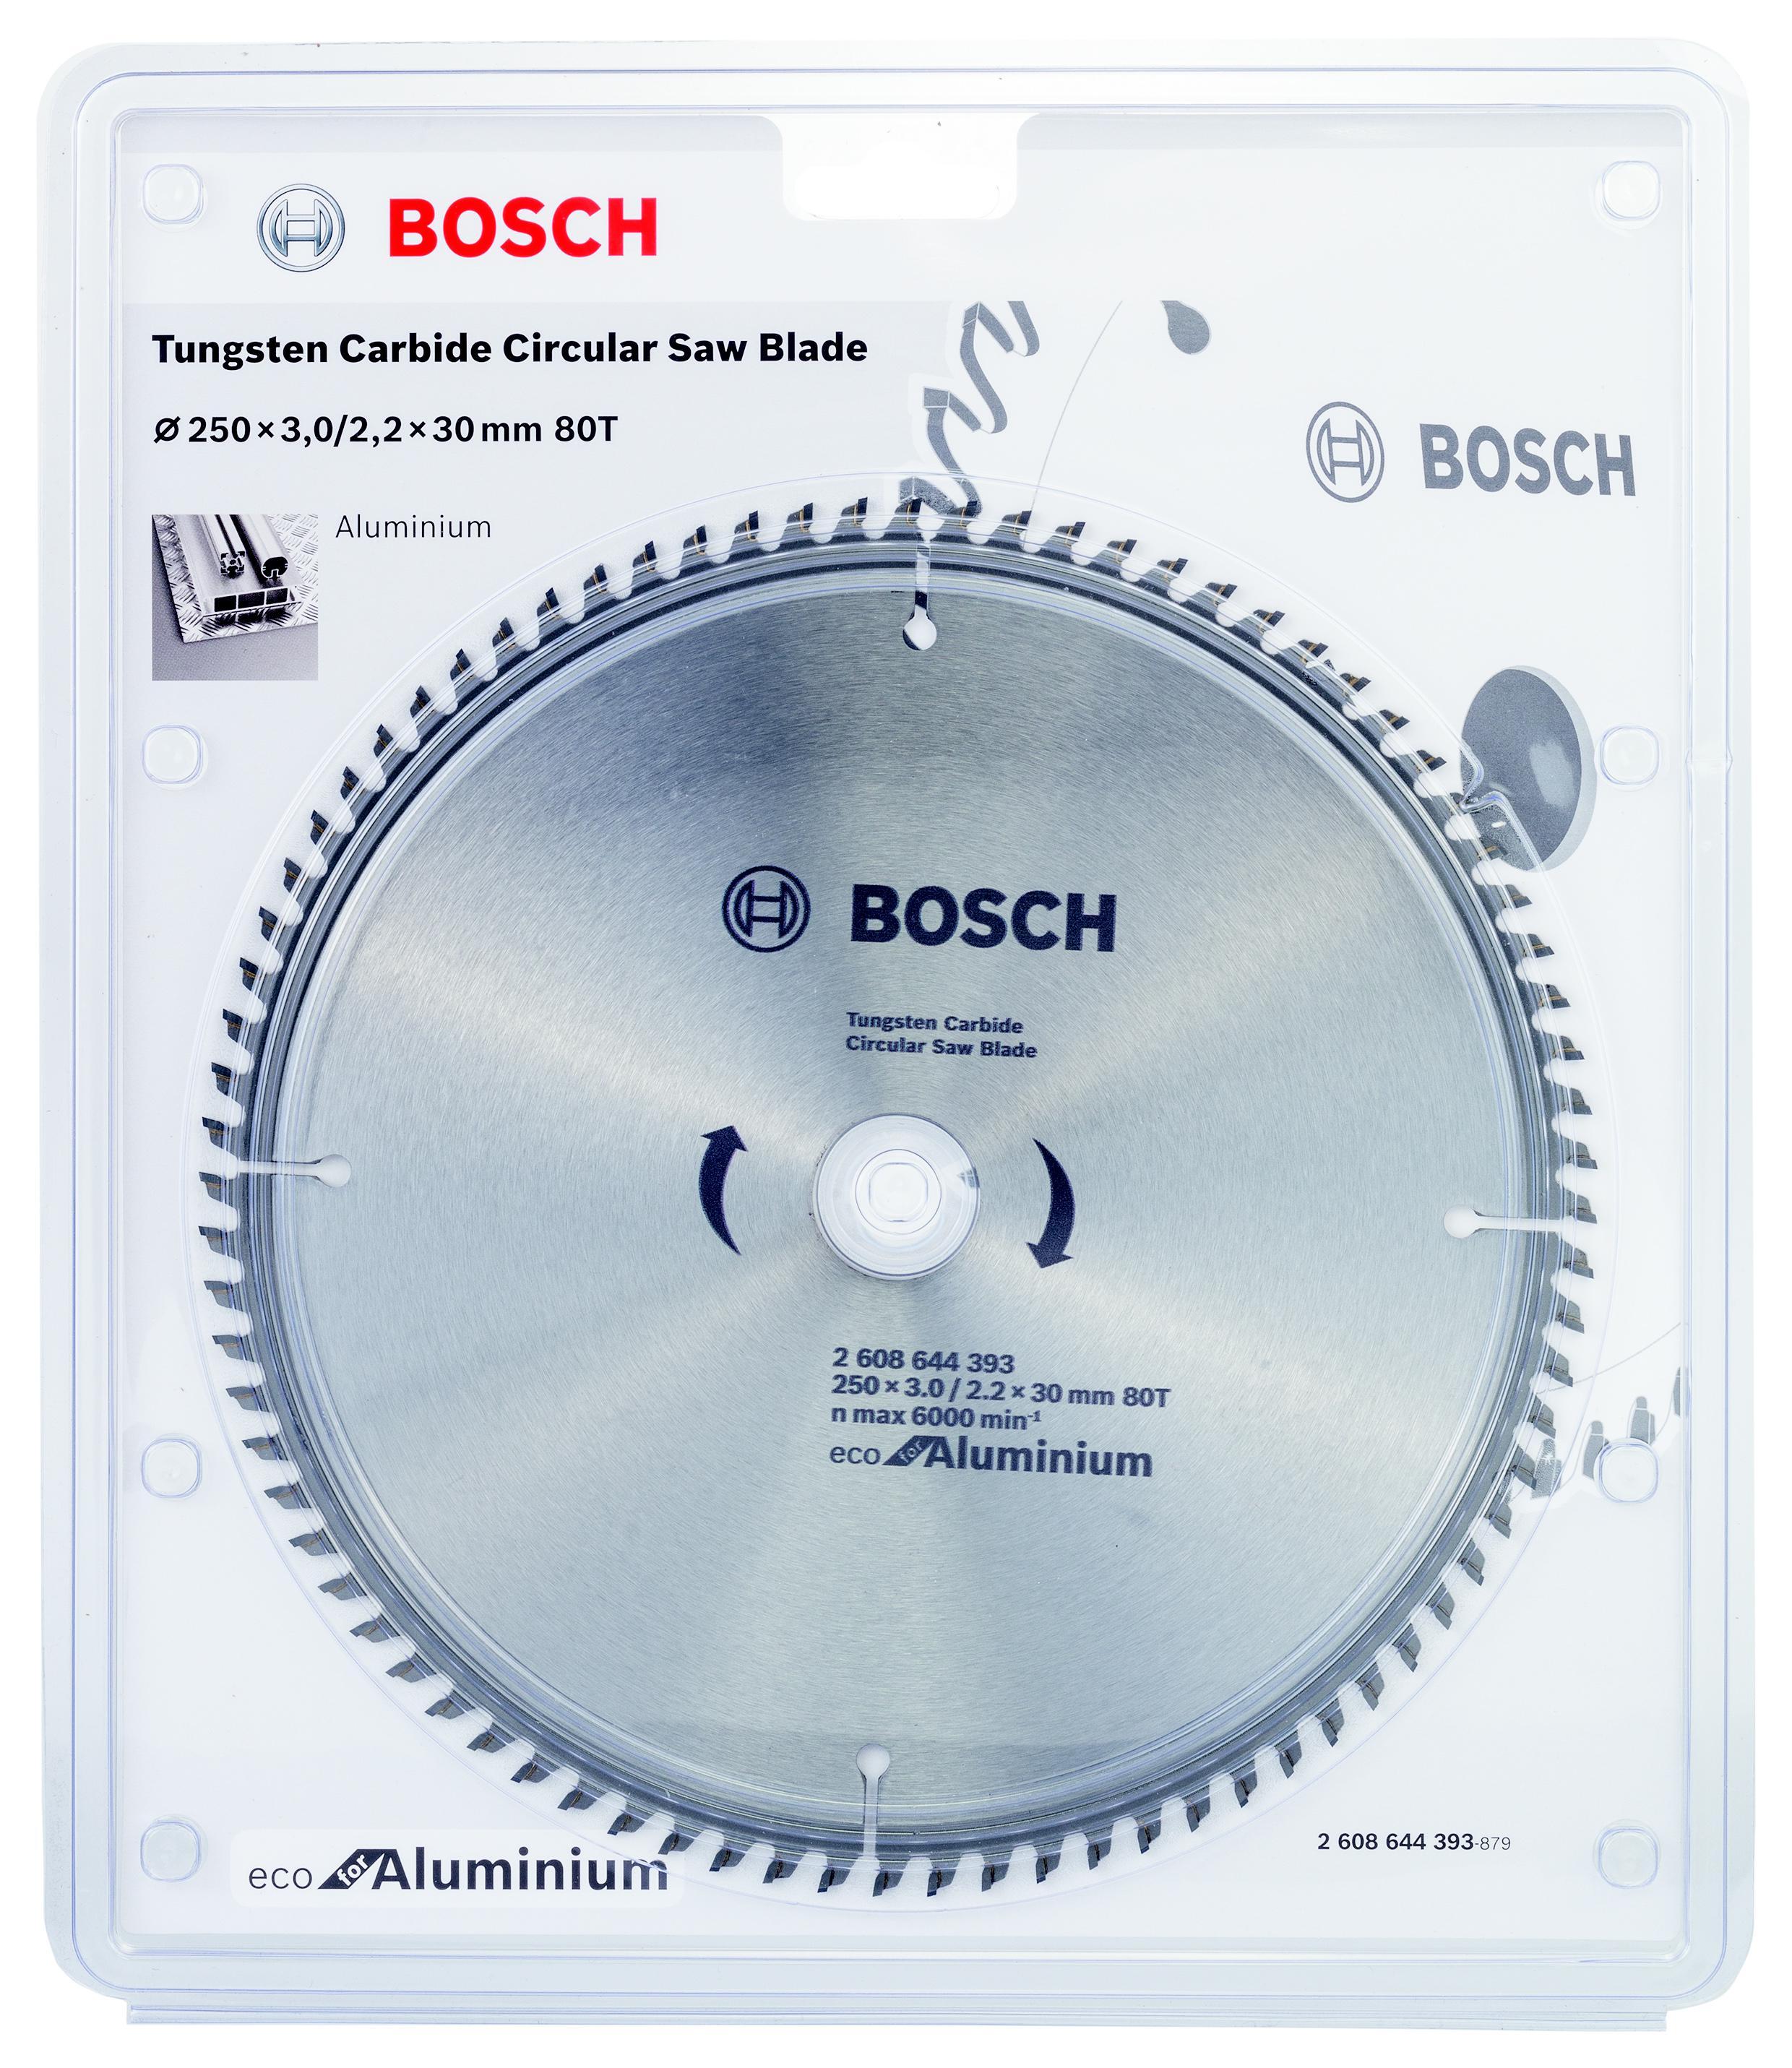 Диск пильный твердосплавный Bosch Eco al 250x30-80t (2.608.644.393) bosch eco 11c 101b